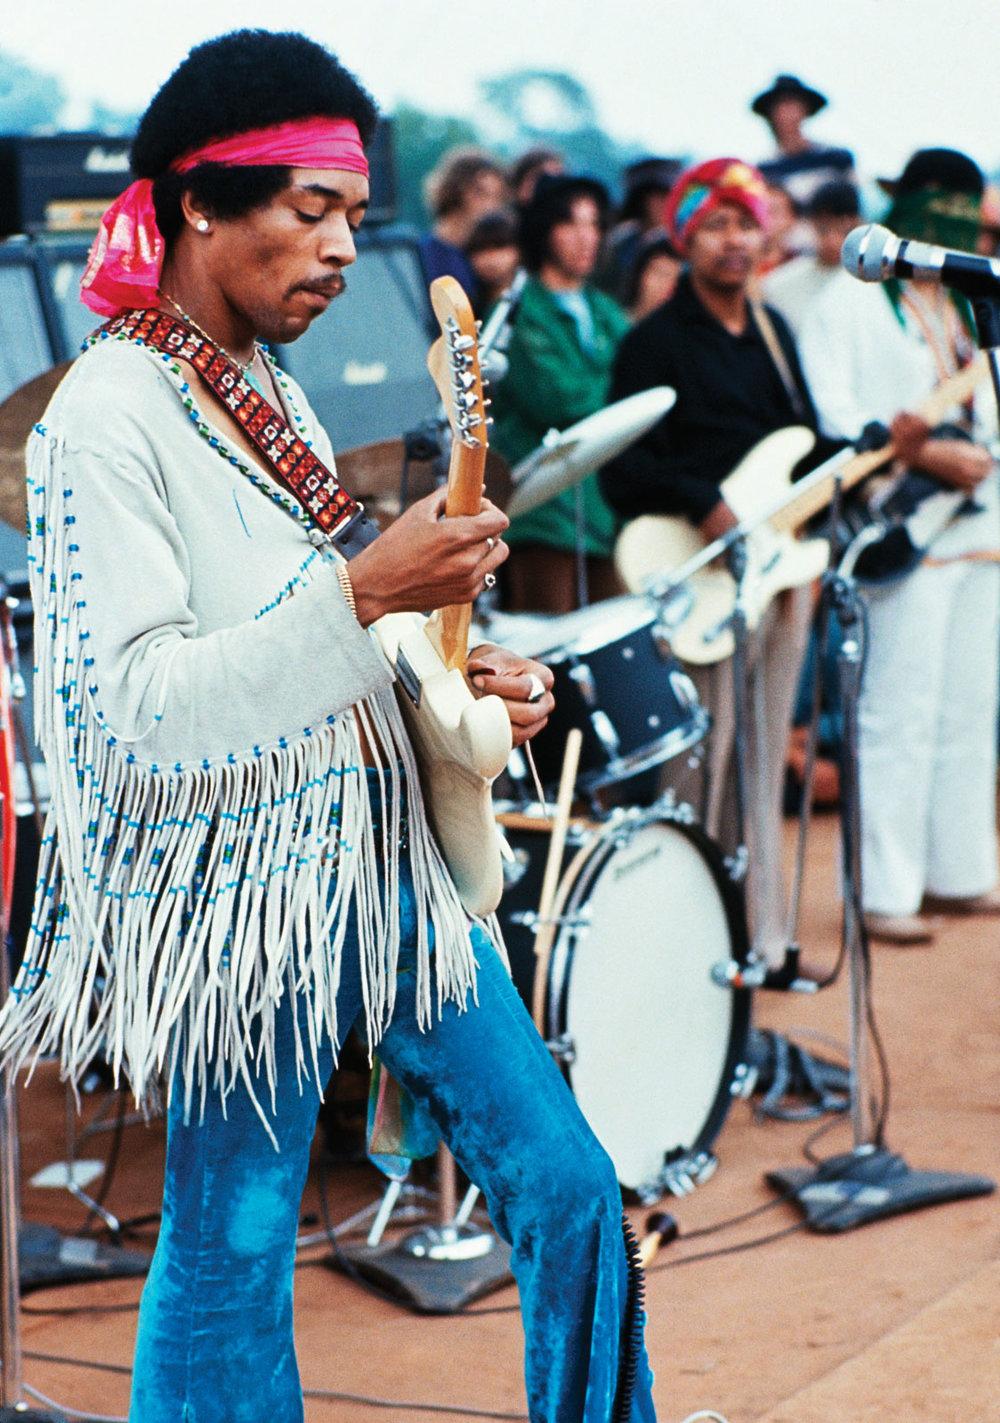 Black power Outro que não nasceu no rock, mas com certeza ganhou força com caras como Jimi Hendrix (foto) e Taj Mahal. Um movimento social e político que soube muito bem contribuir com praticamente todos os gêneros musicais que existem. Não ia ser diferente com o rock.